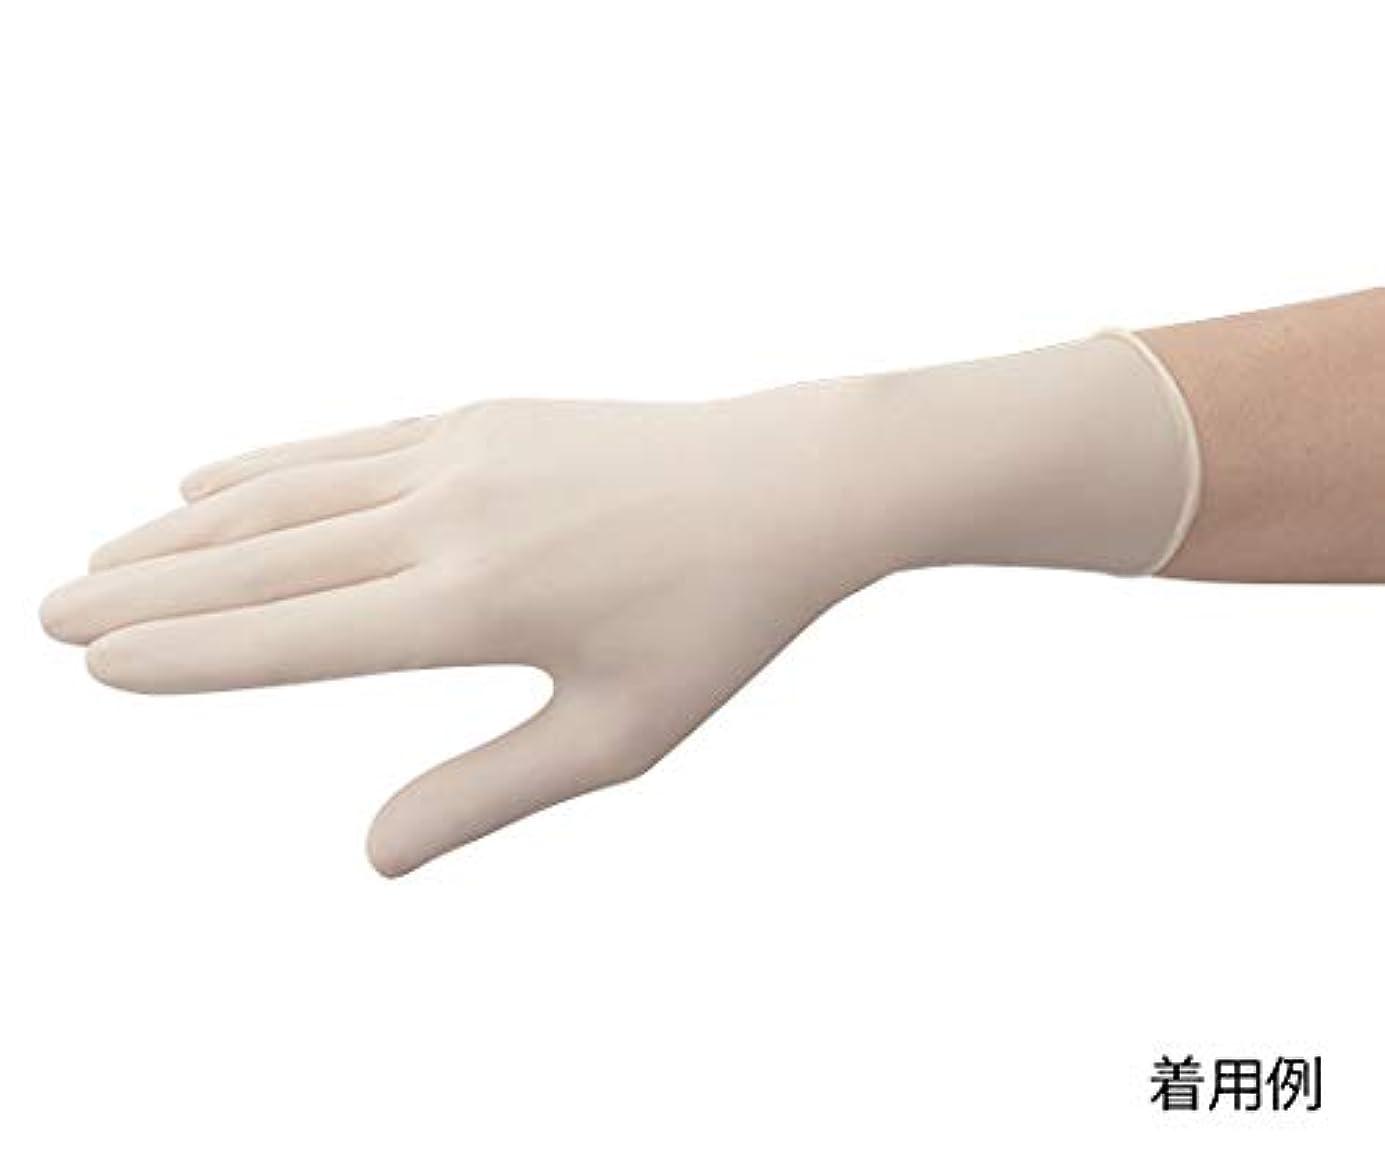 やめる凝視前文東レ?メディカル 手術用手袋メディグリップ パウダーフリー50双 8165MG